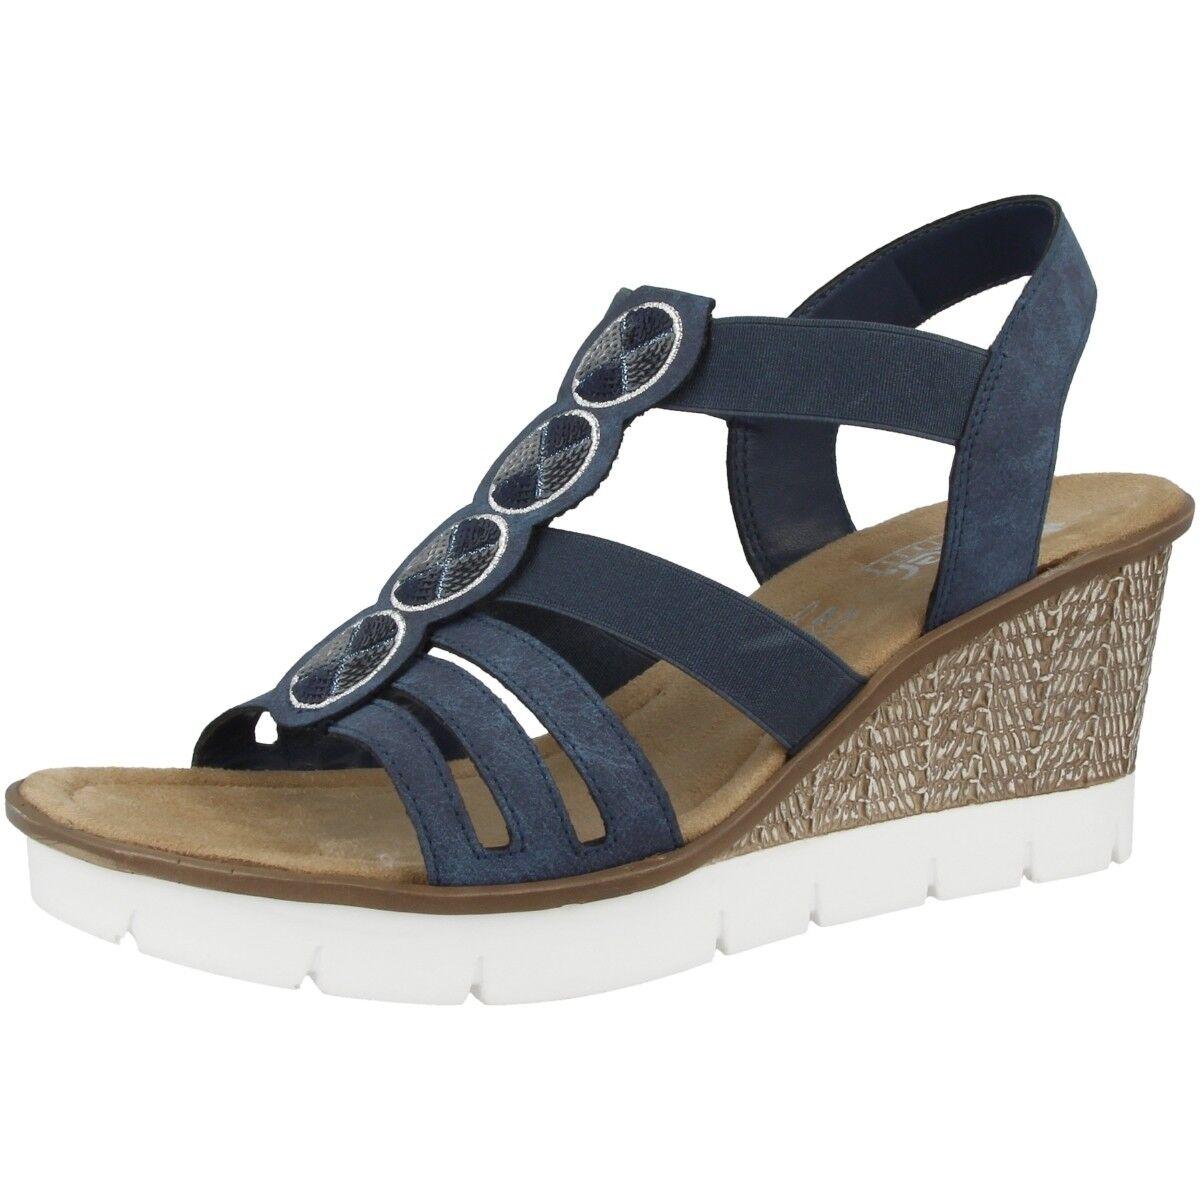 Rieker Morelia Morelia Morelia mujer zapatos mujer Antiestrés Cuña Sandalias Atlántico 65515-14  A la venta con descuento del 70%.